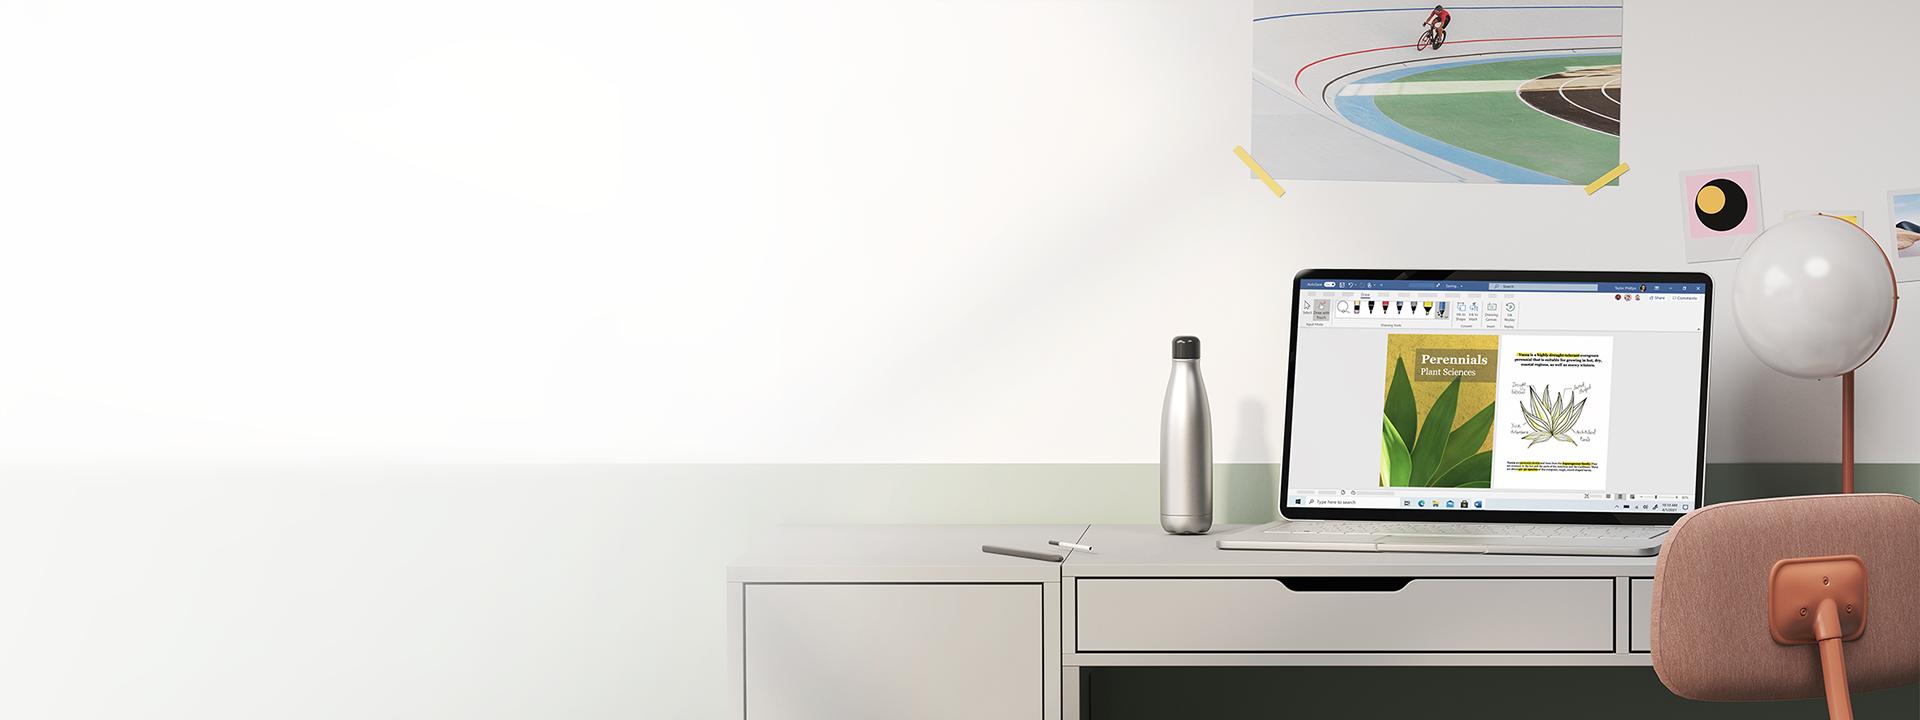 Windows10 sülearvuti seisab laua peal